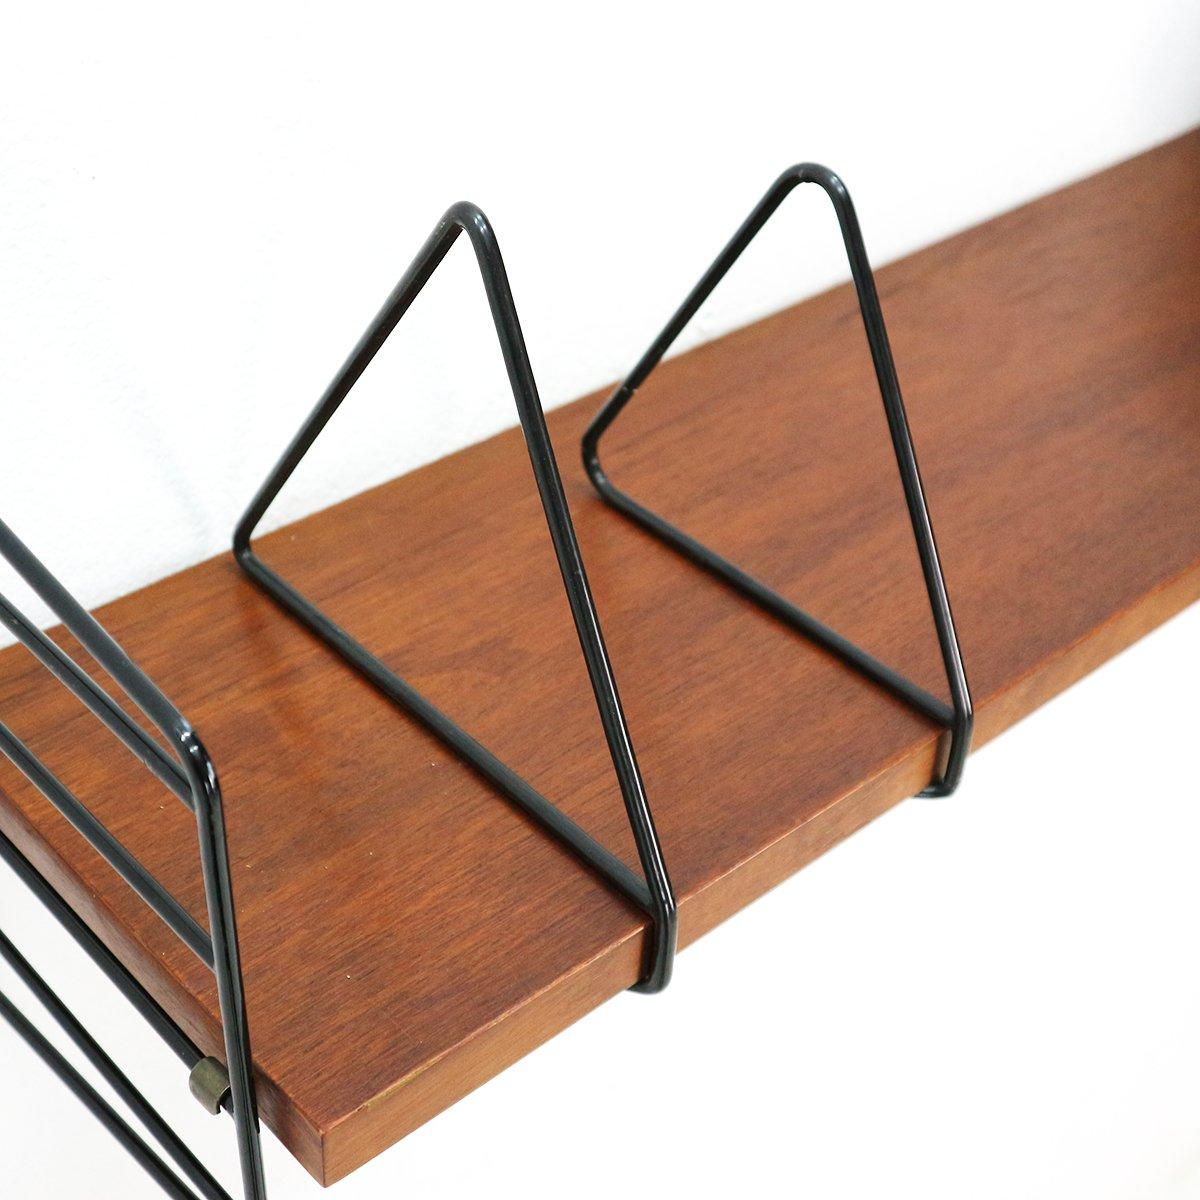 vintage string buchst tze von kajsa nisse strinning bei pamono kaufen. Black Bedroom Furniture Sets. Home Design Ideas